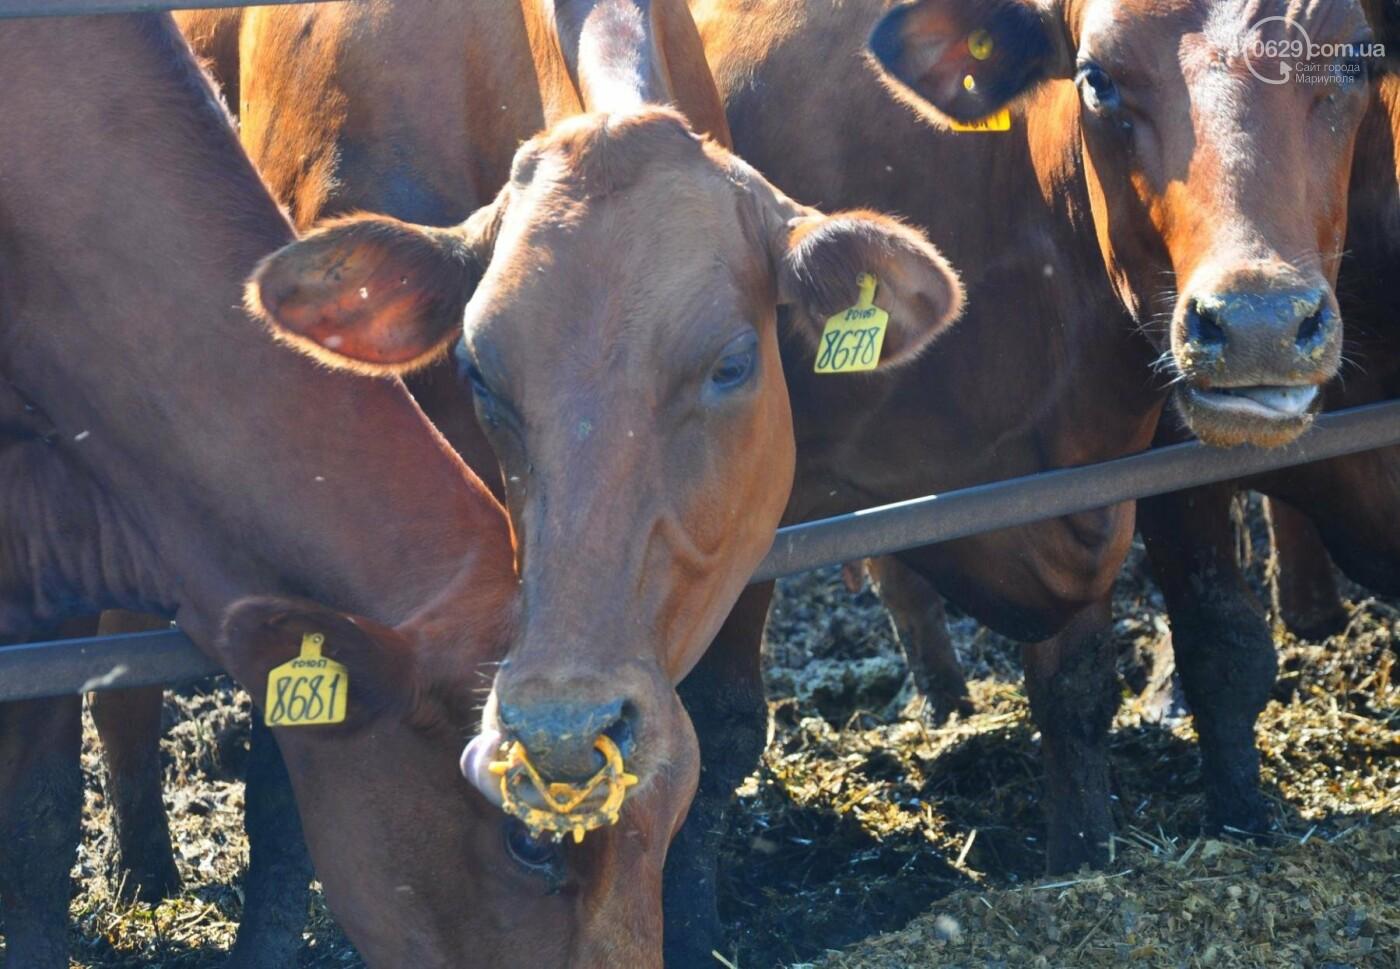 Откуда Мариупольский молокозавод получает натуральное молоко?, фото-4